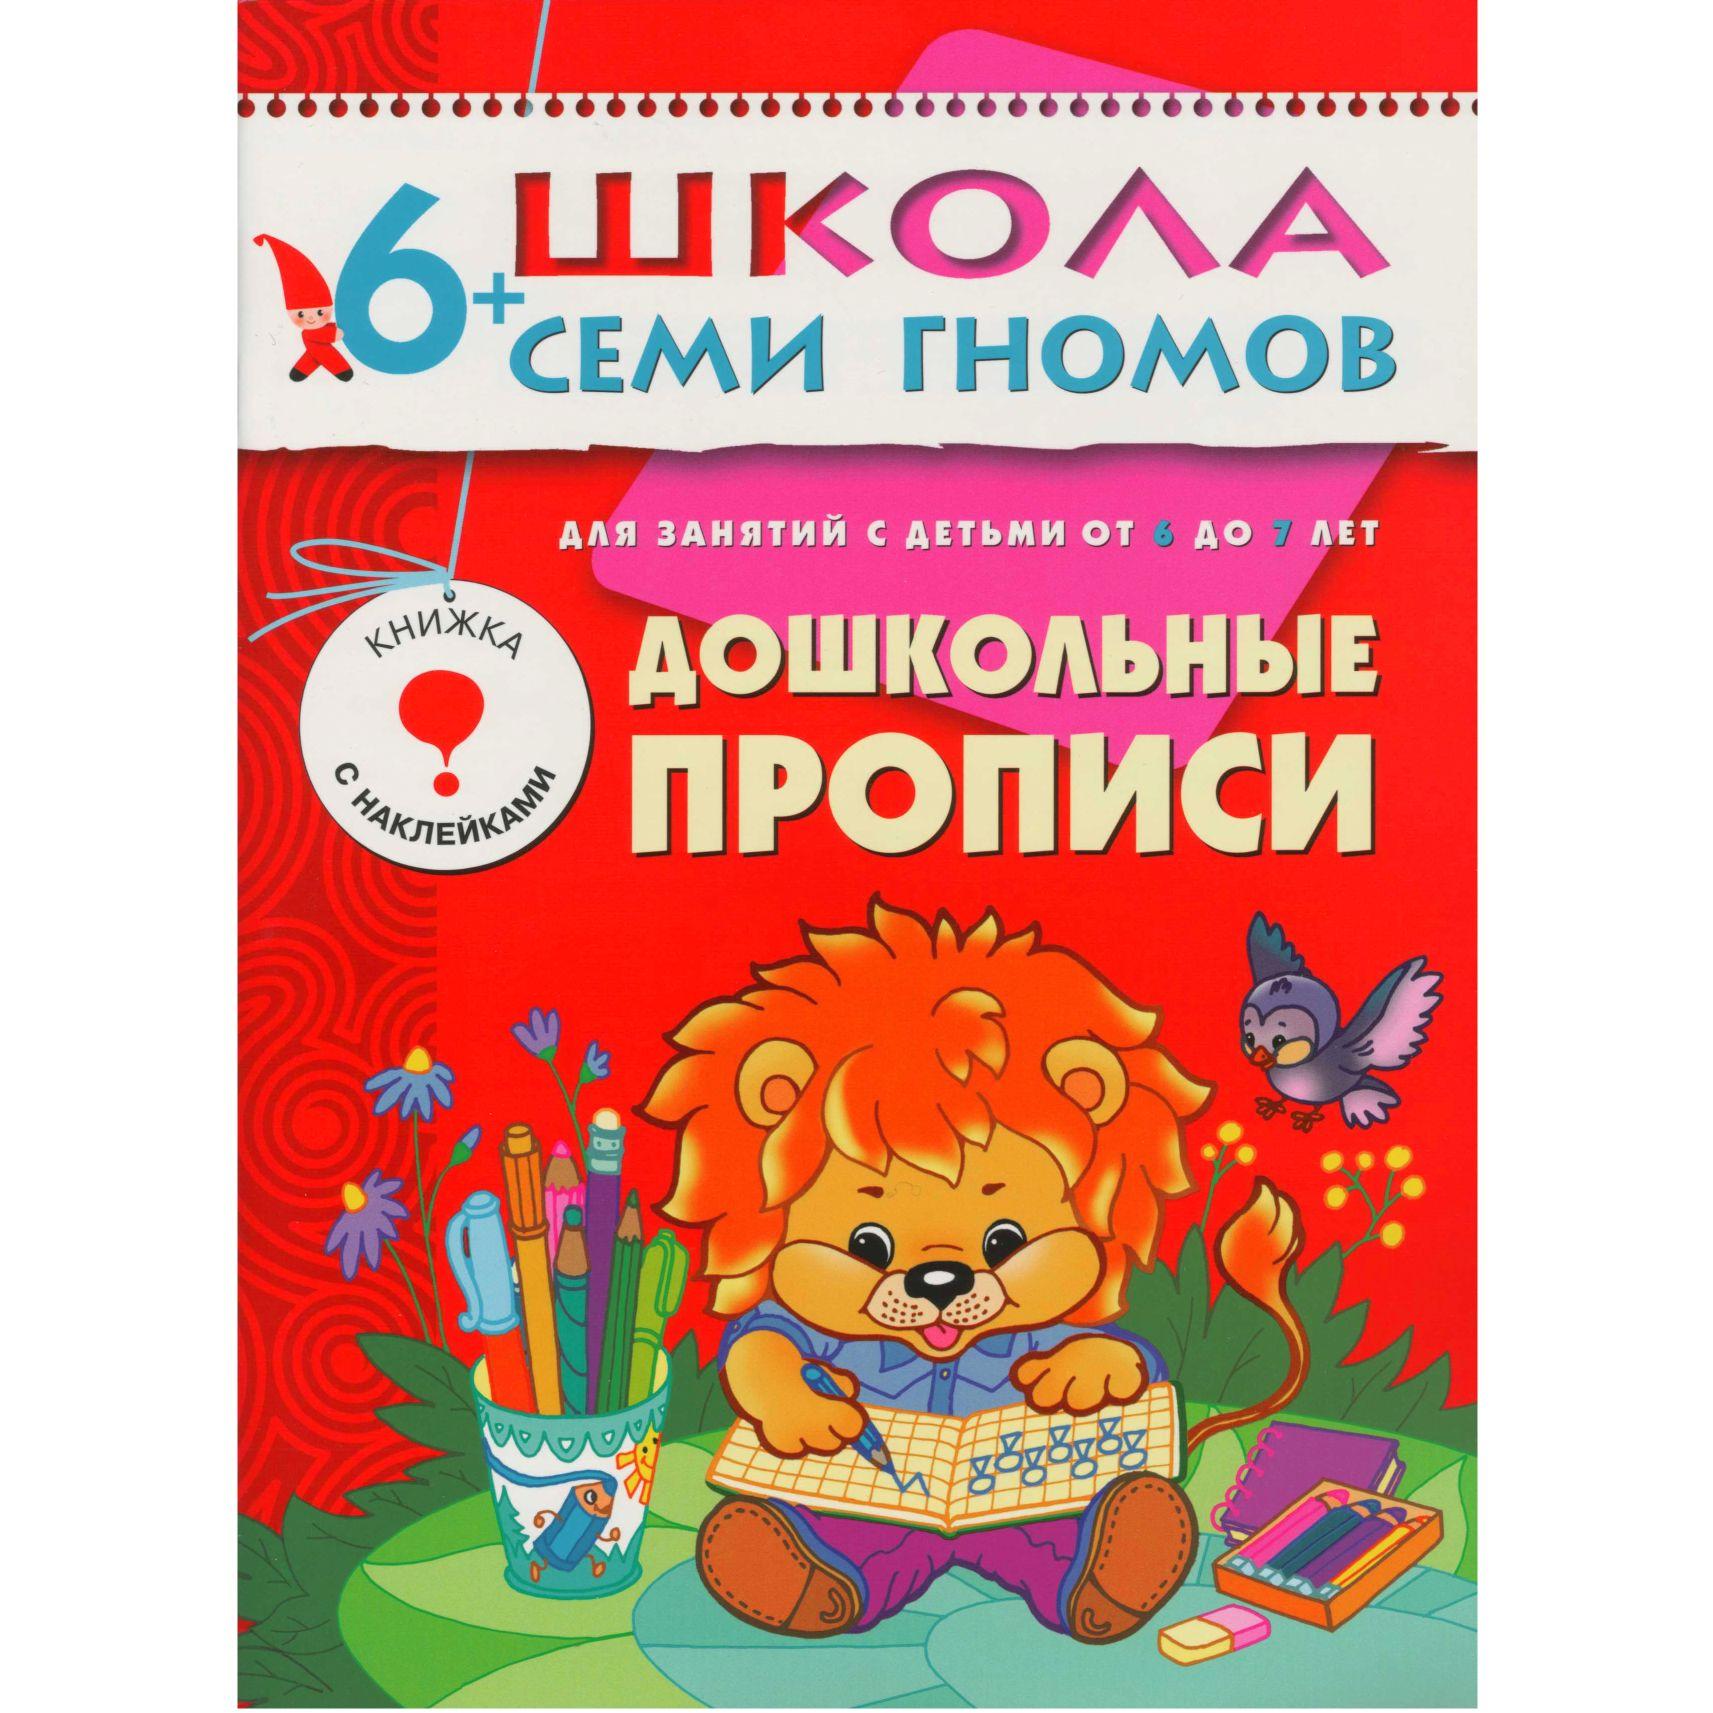 Дошкольные прописи: Для занятий с детьми от 6 до 7 лет: Книжка с наклейками